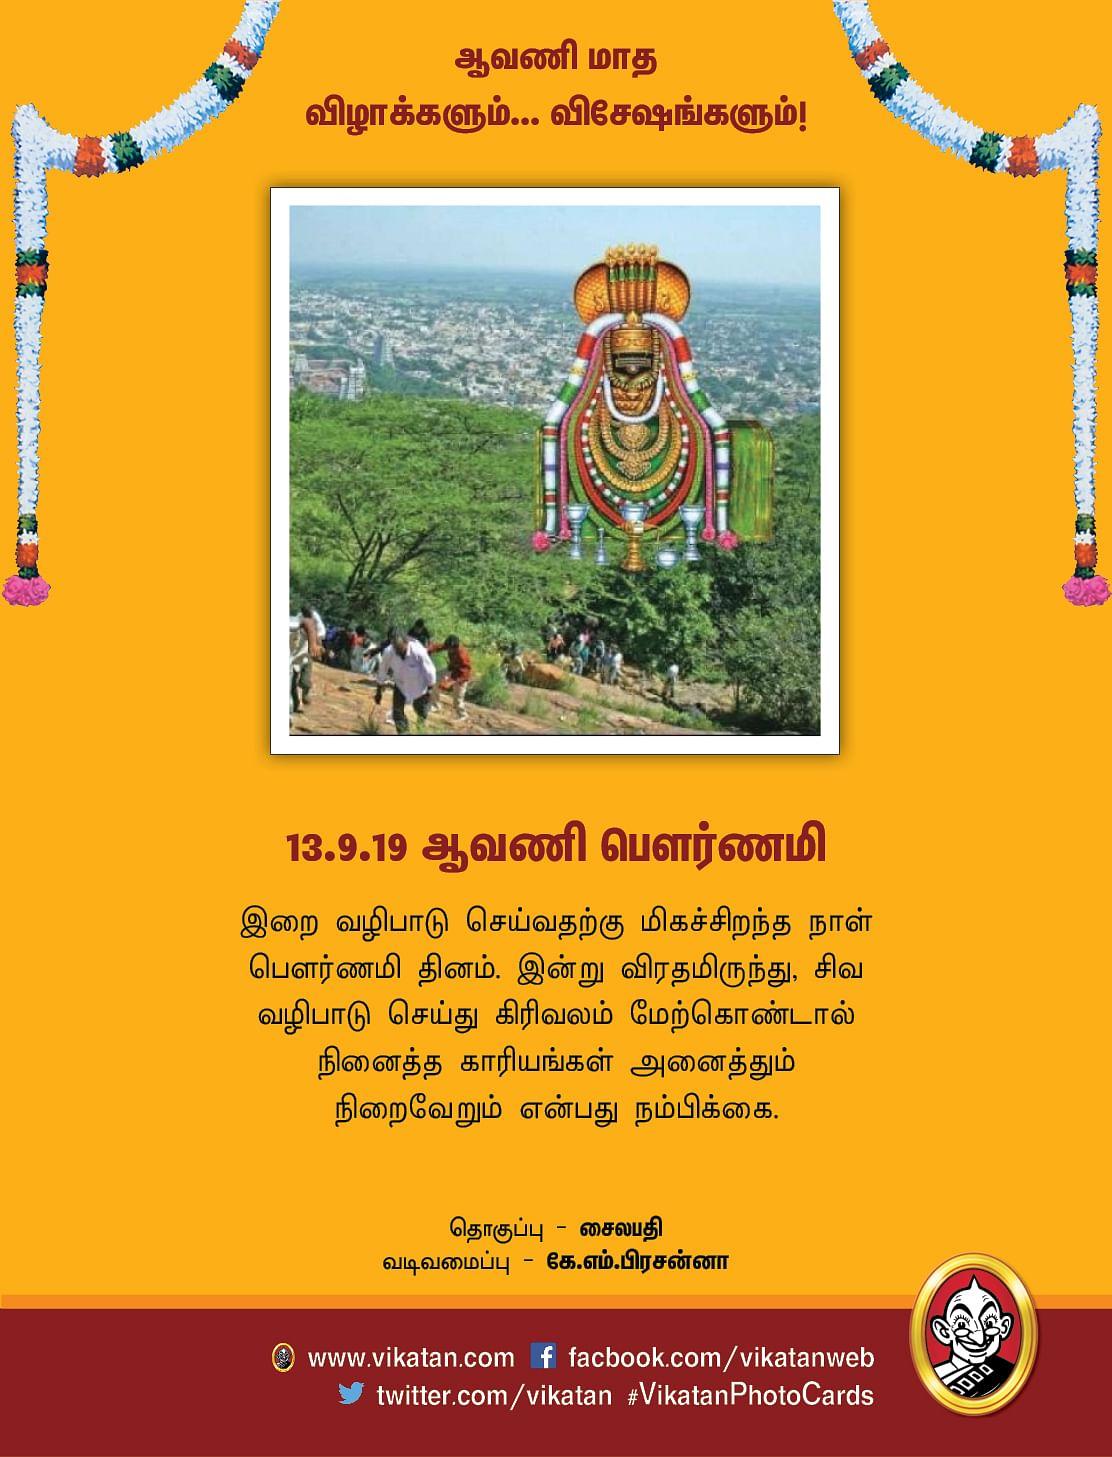 பௌர்ணமி